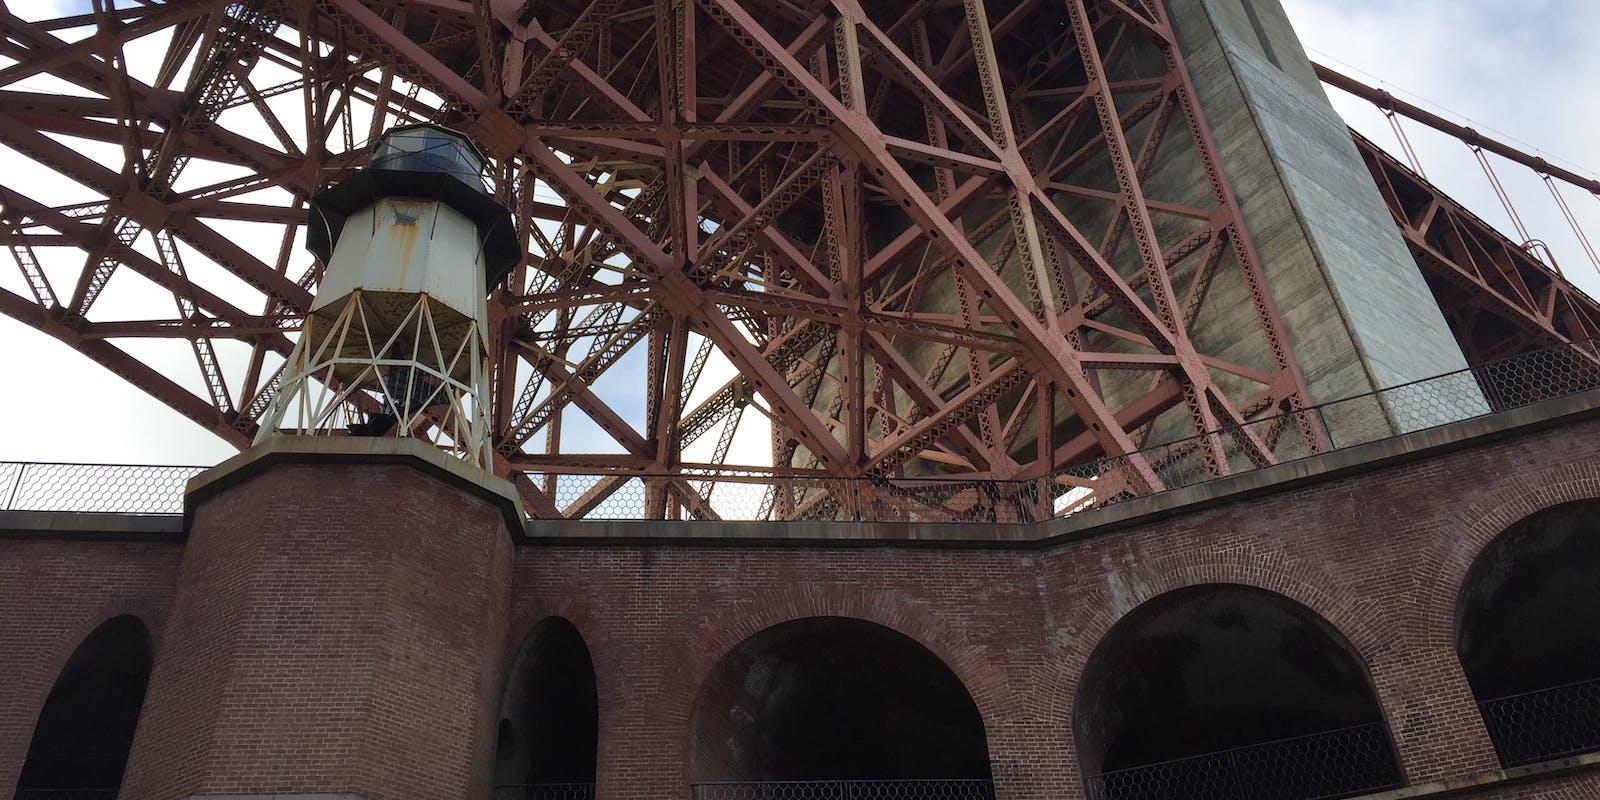 Fort Point under the Golden Gate Bridge.